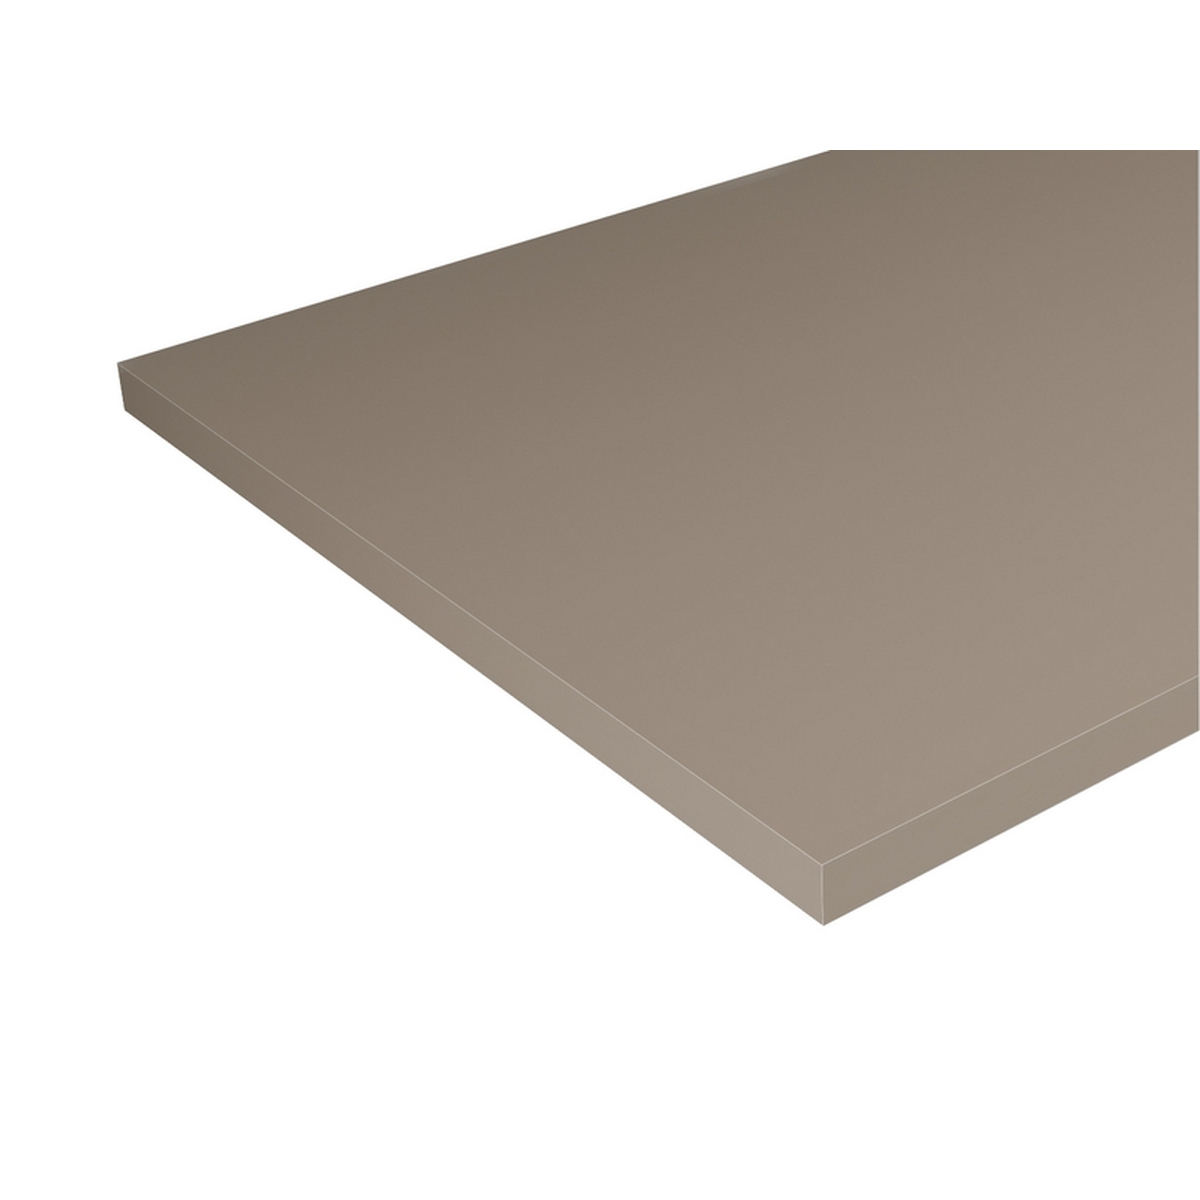 abdeckplatte 25 mm absolut bad. Black Bedroom Furniture Sets. Home Design Ideas